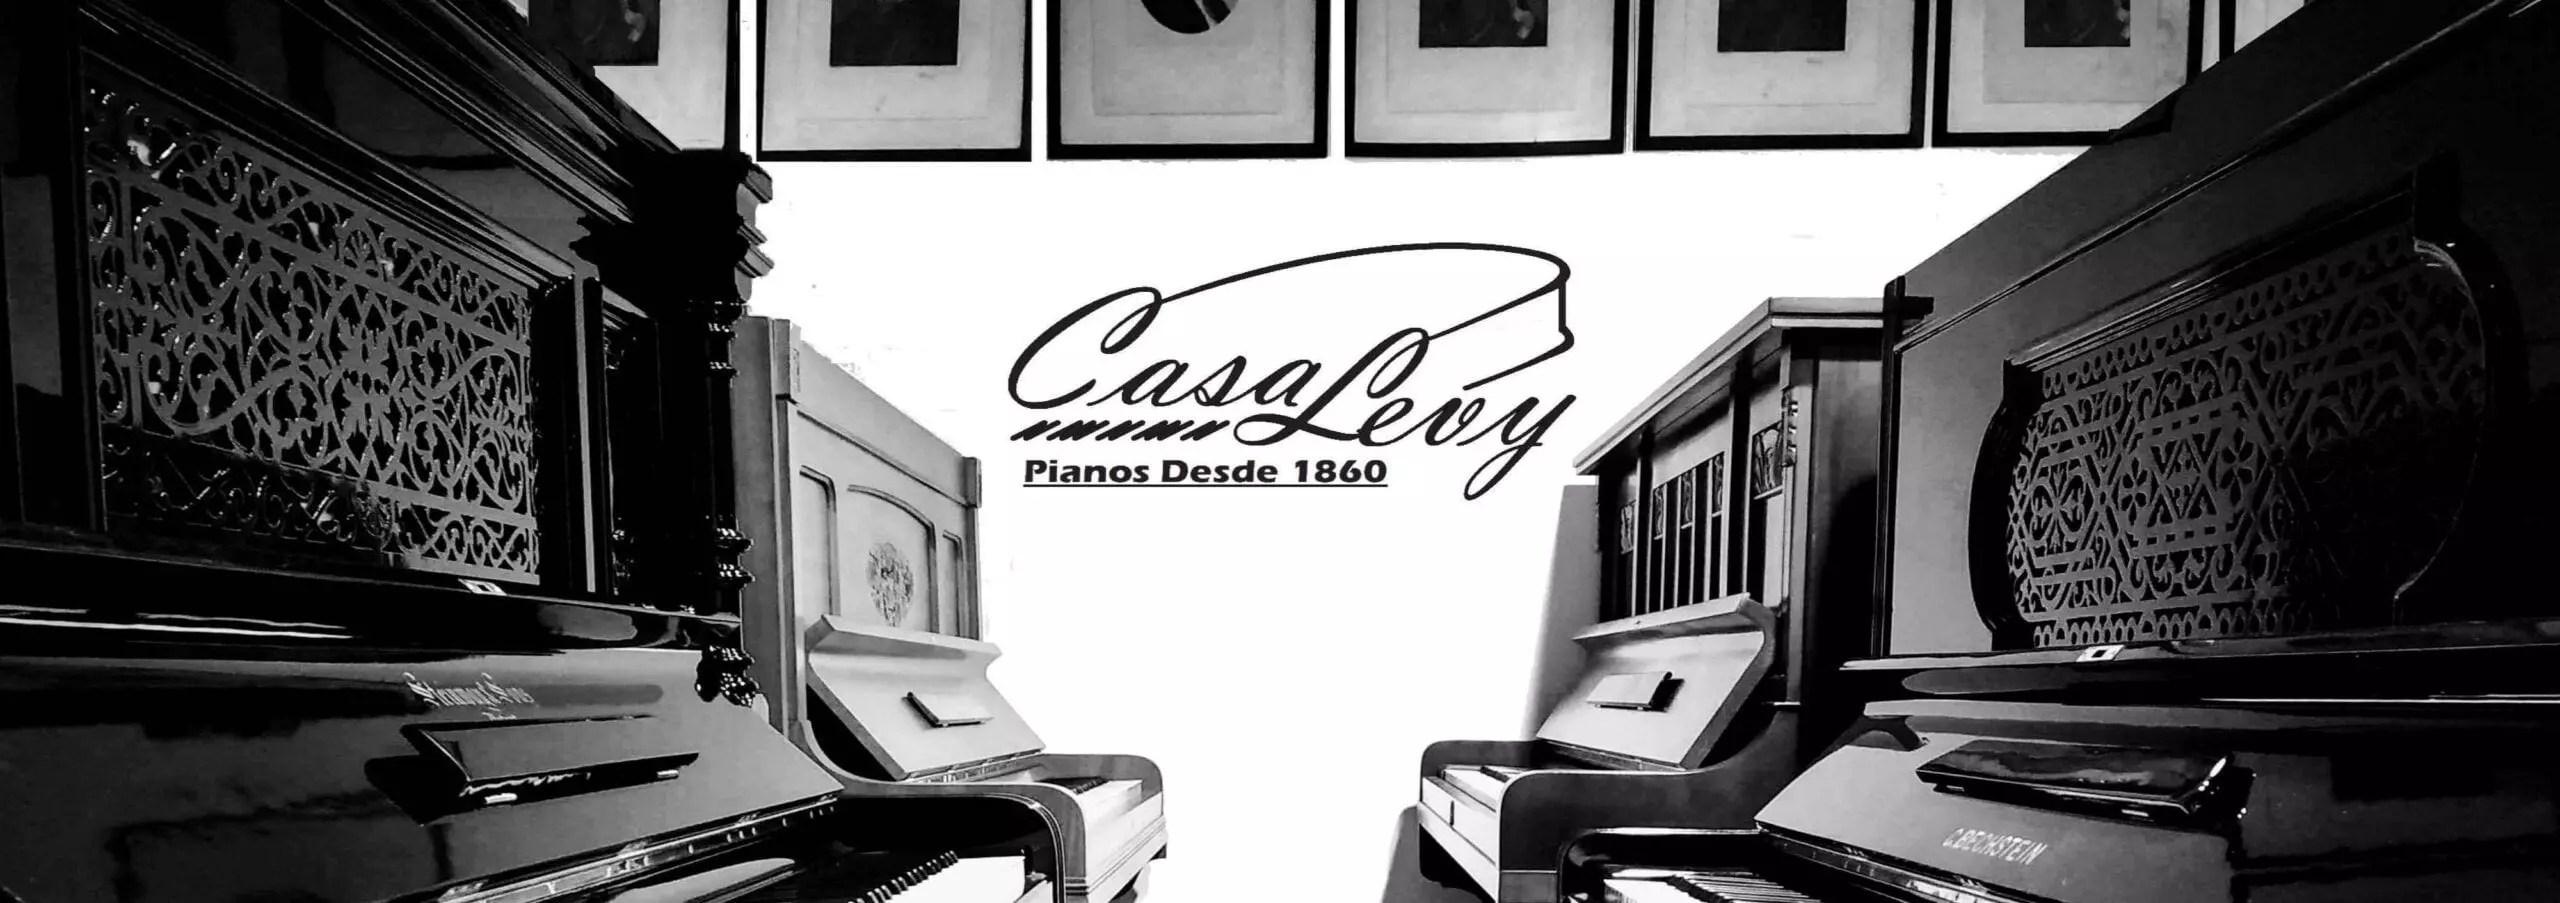 casa levy de pianos